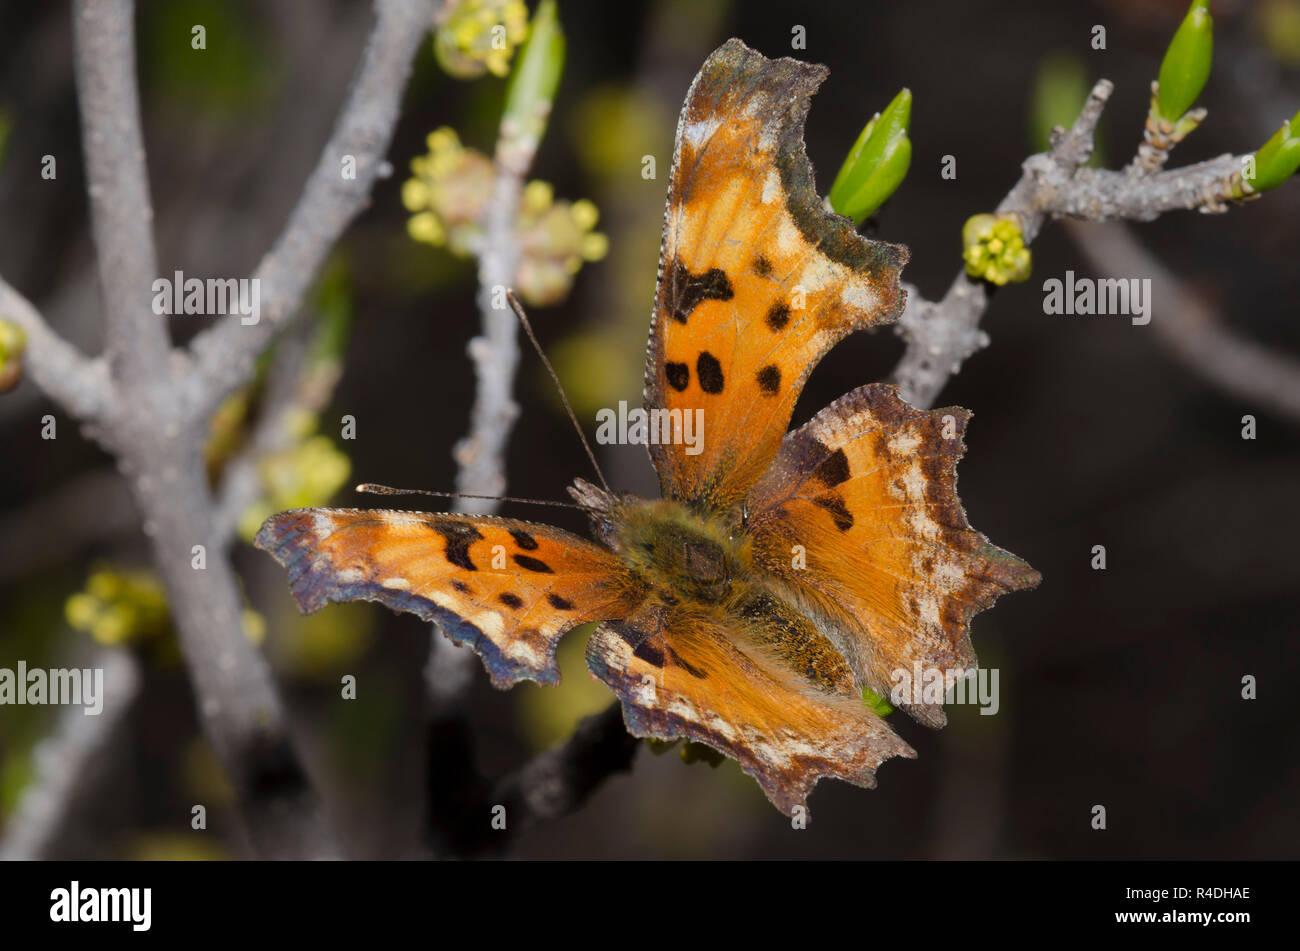 Hoary coma, Polygonia gracilis, nectaring de New Mexico Olive, Forestiera pubescens Foto de stock